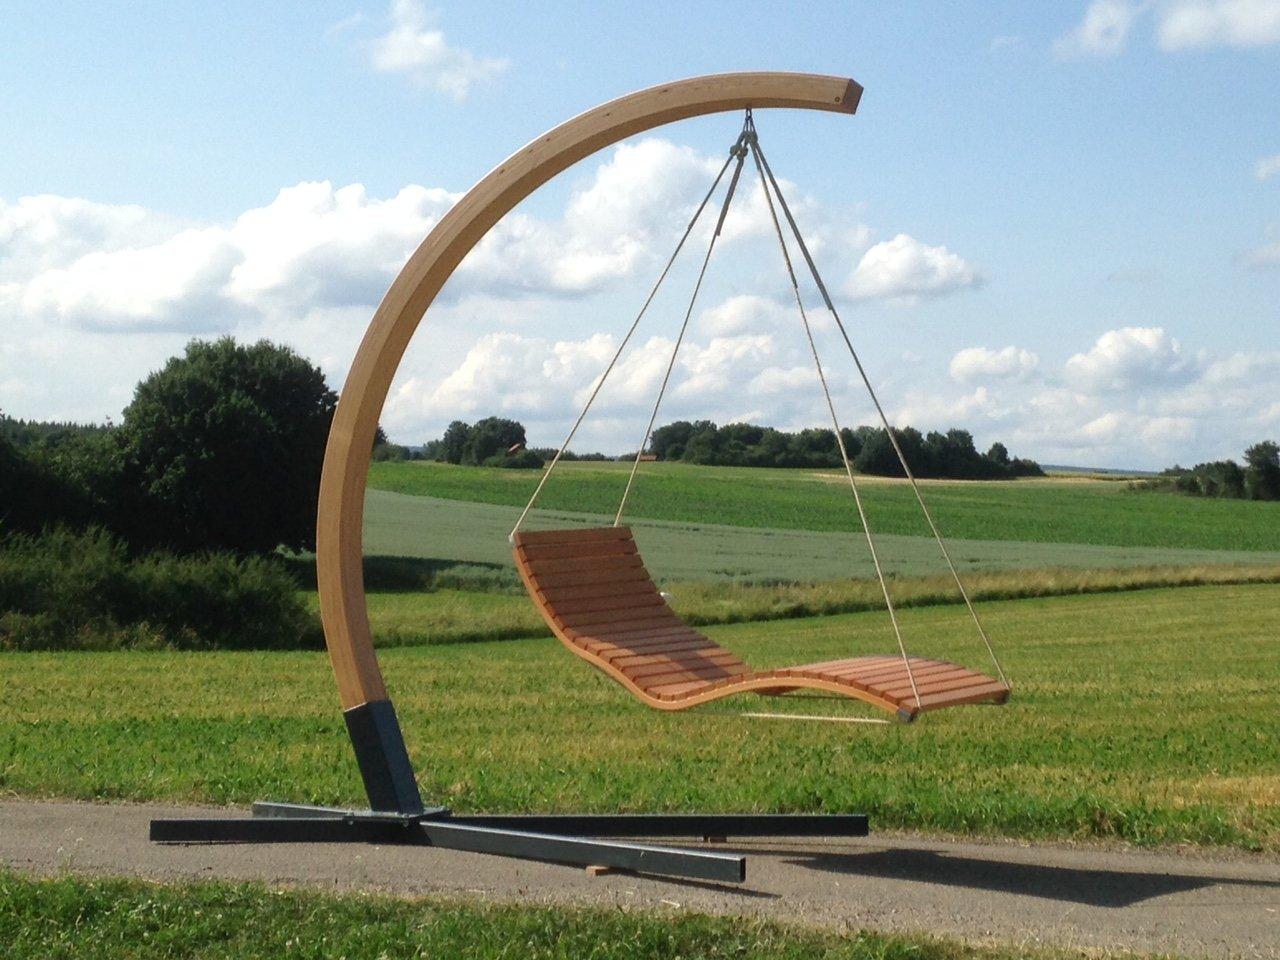 Aufhängebogen mit Stahlfuß für Hängeliege aus Holz, für den Garten, Sonnenliege, Relaxliege, Gartenliege, Schwebeliege